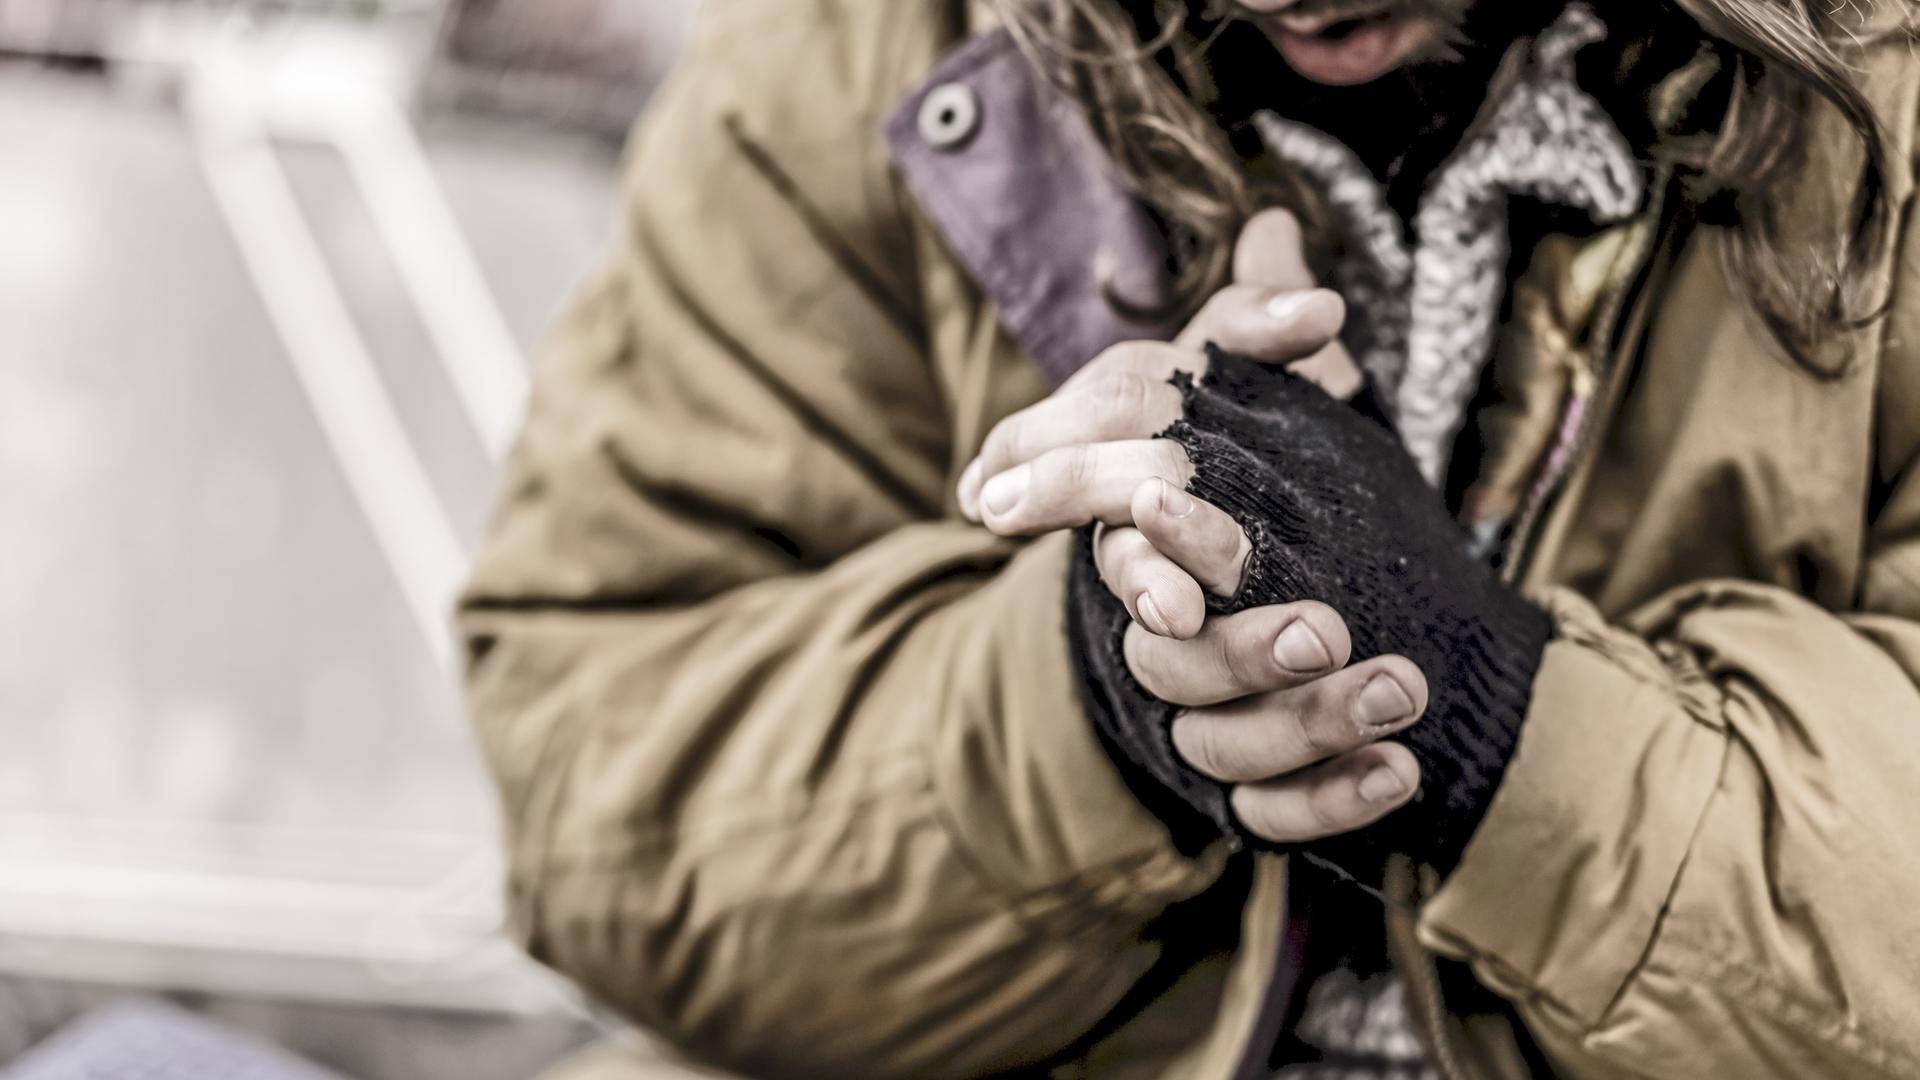 Winter unter Corona-Bedingungen macht das Leben für Obdachlose besonders hart. In Achern gibt es genügend städtische Unterkünfte, wo auch auf die notwendige Hygiene geachtet wird. Bislang gab es dort noch keinen Covid-19-Fall, bestätigt die Stadtverwaltung. Foto: Michael Brück